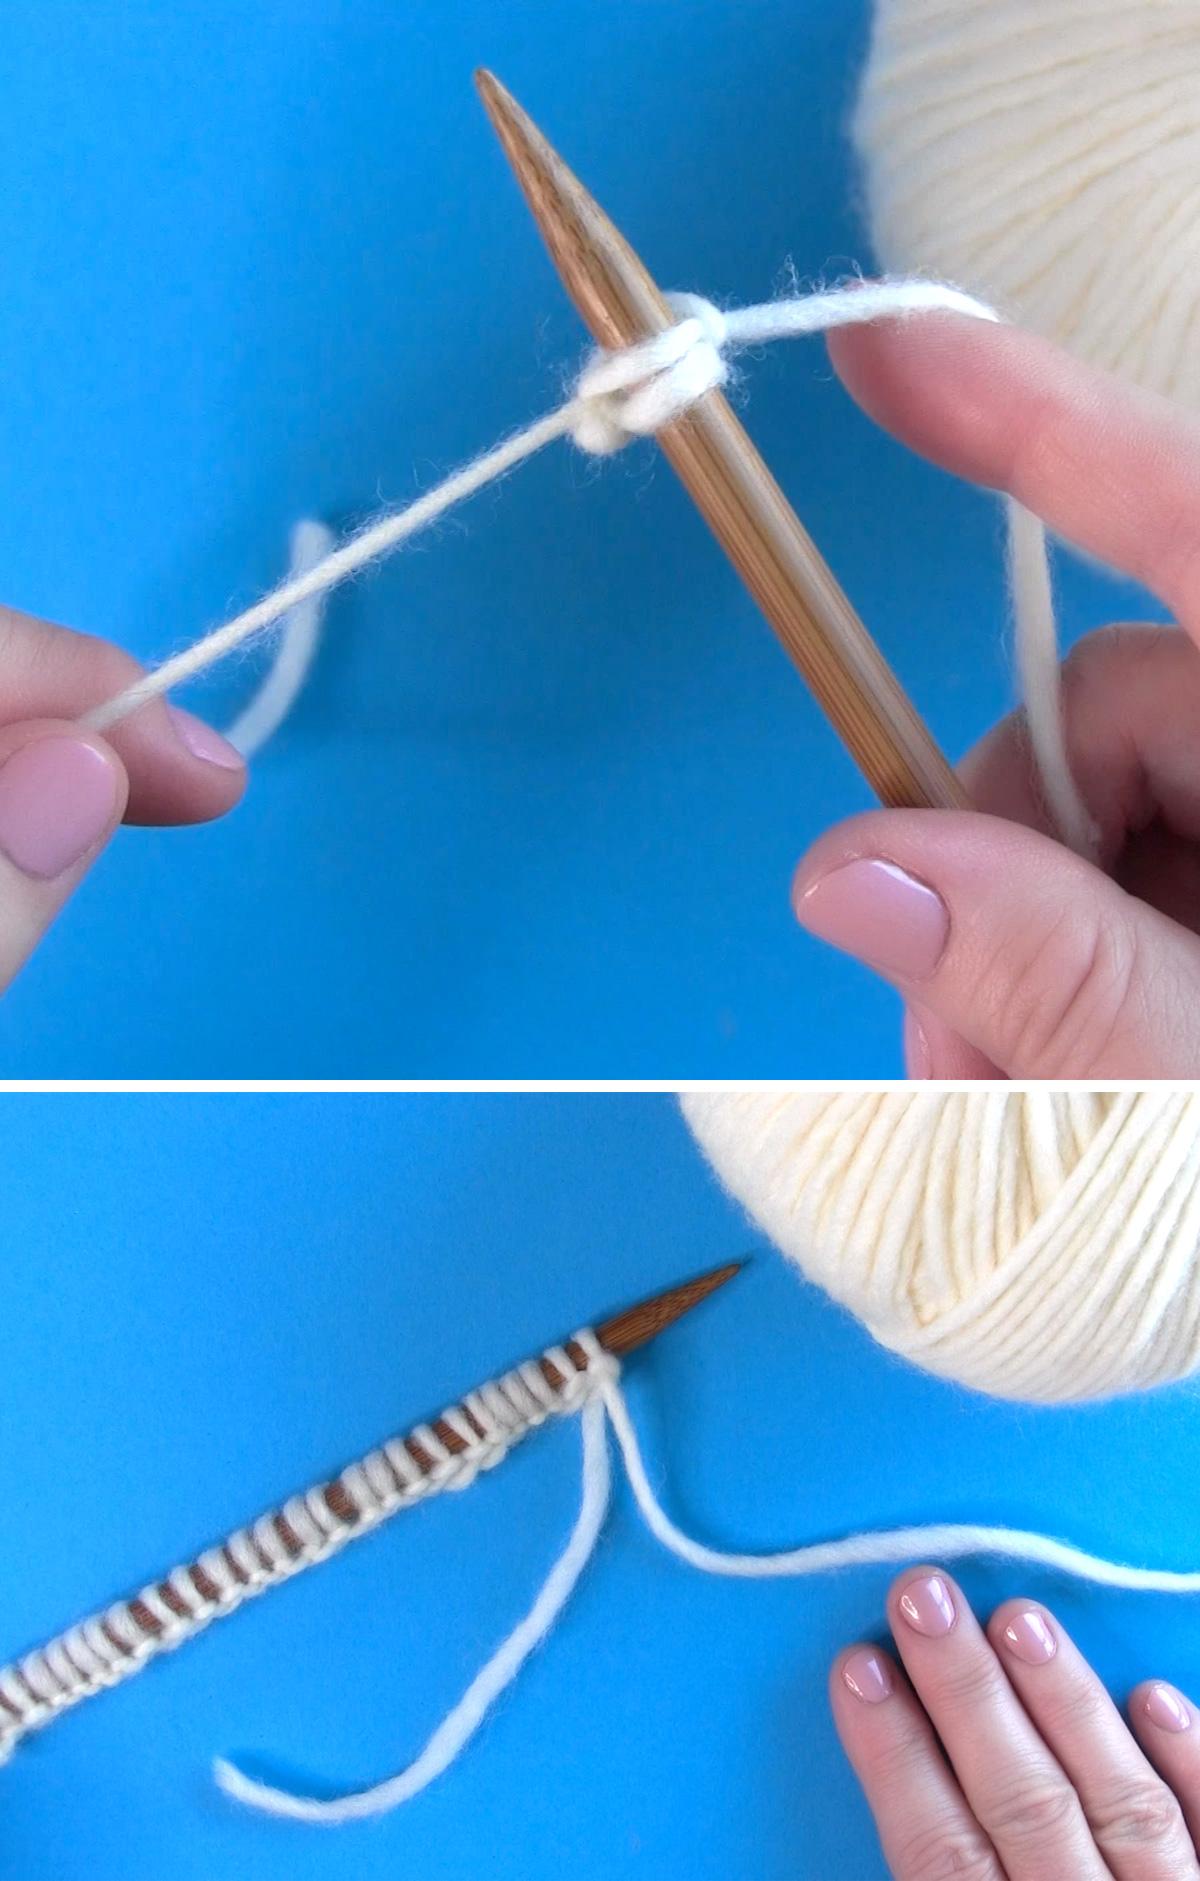 Apretar el método Cast On Thumb del hilo alrededor de la aguja de tejer.